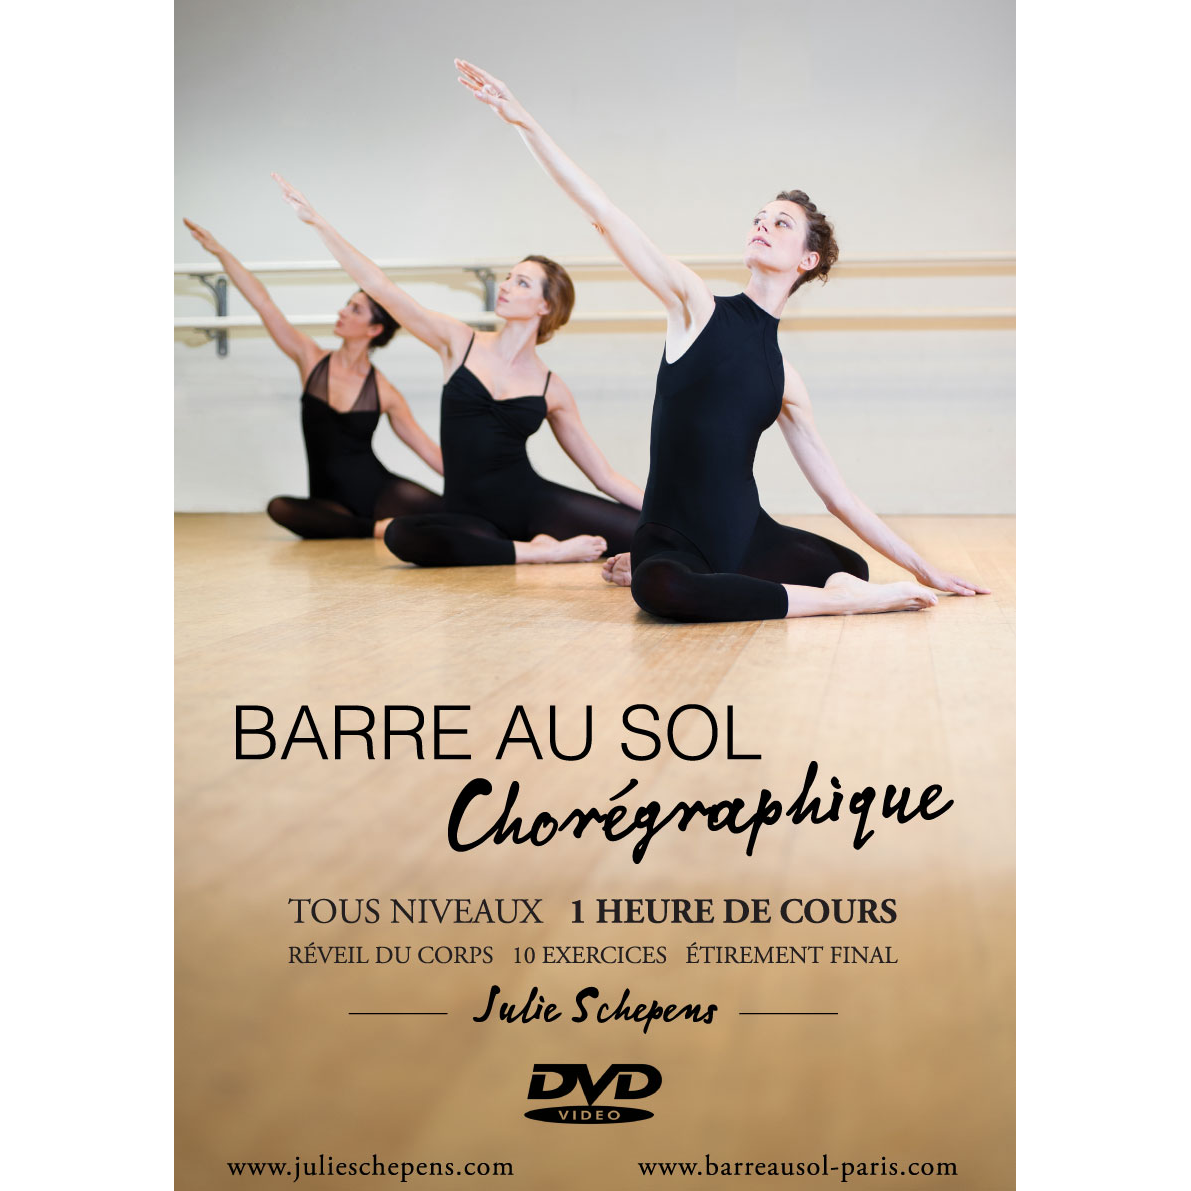 DVD tutoriel ballet classique, Barre au sol chorégraphique vol 1 tous niveaux.